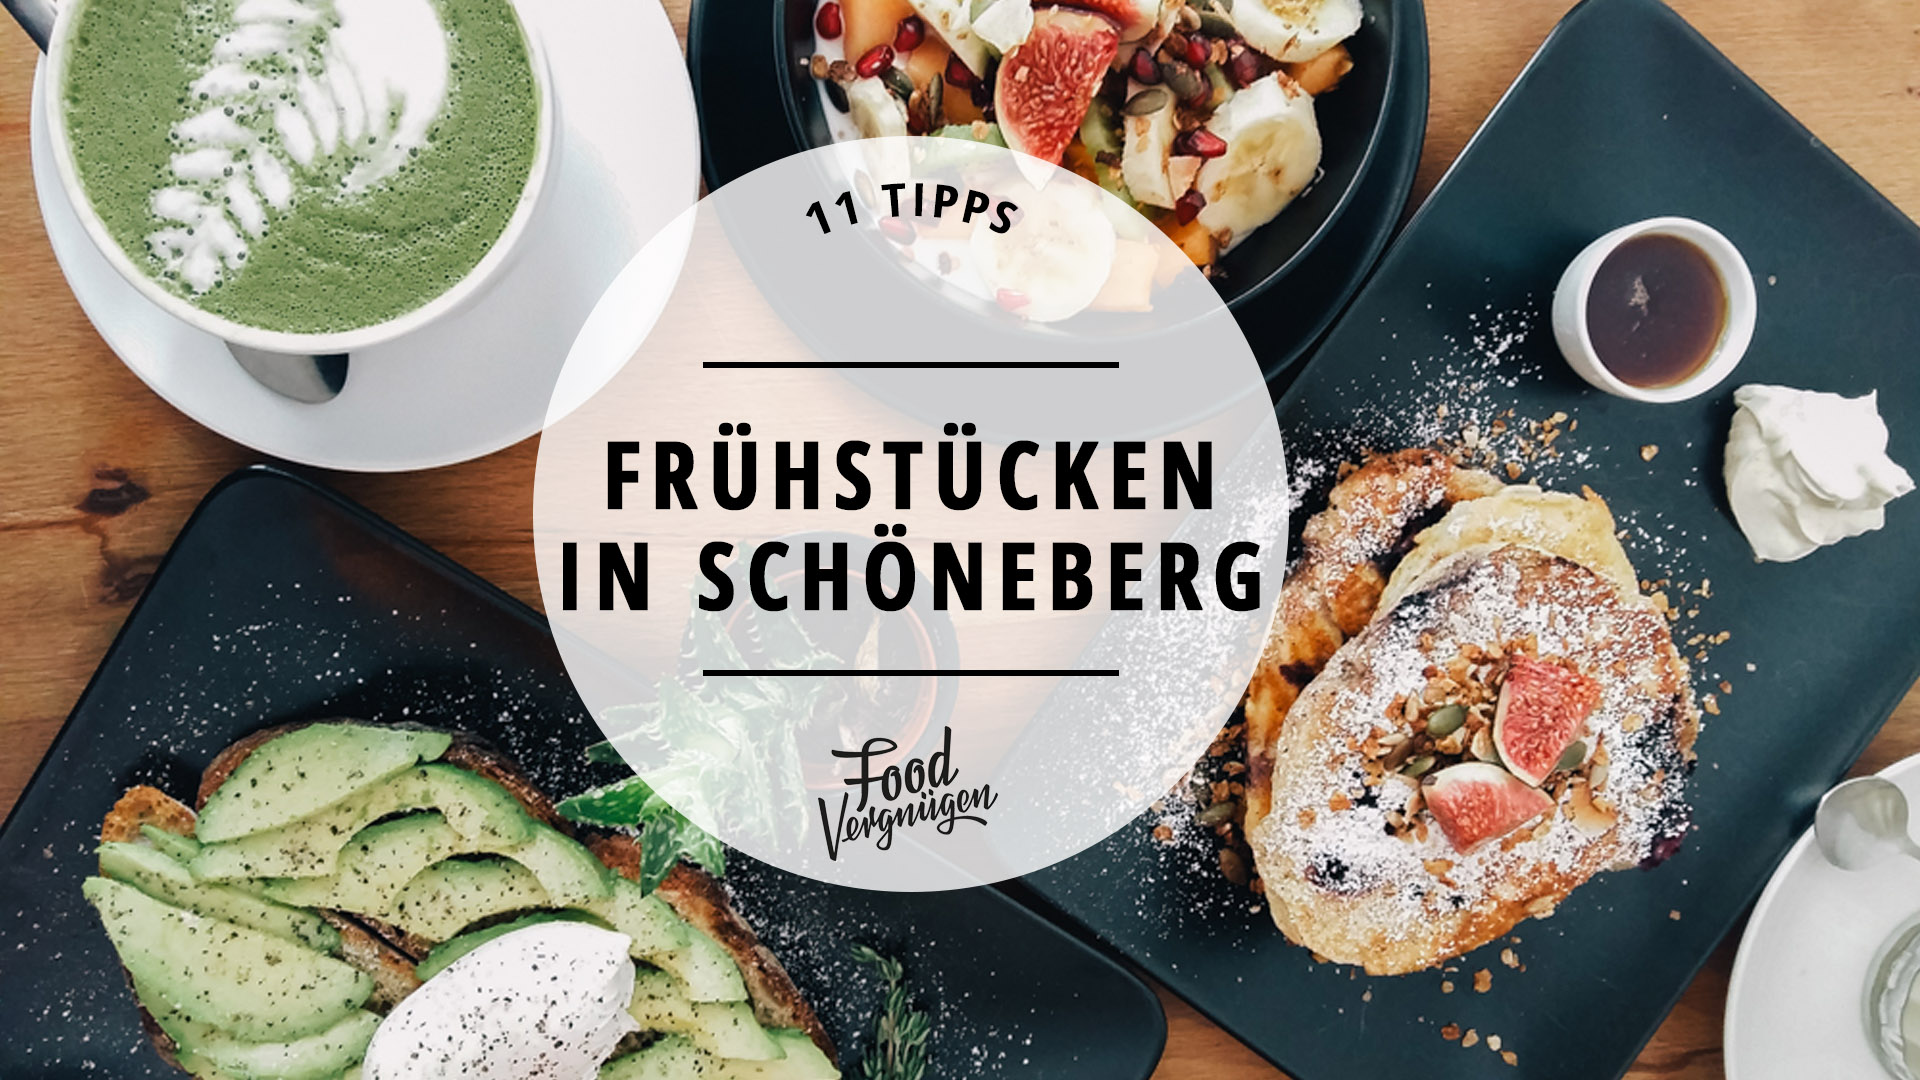 11 Orte Zum Fruhstucken In Schoneberg Mit Vergnugen Berlin